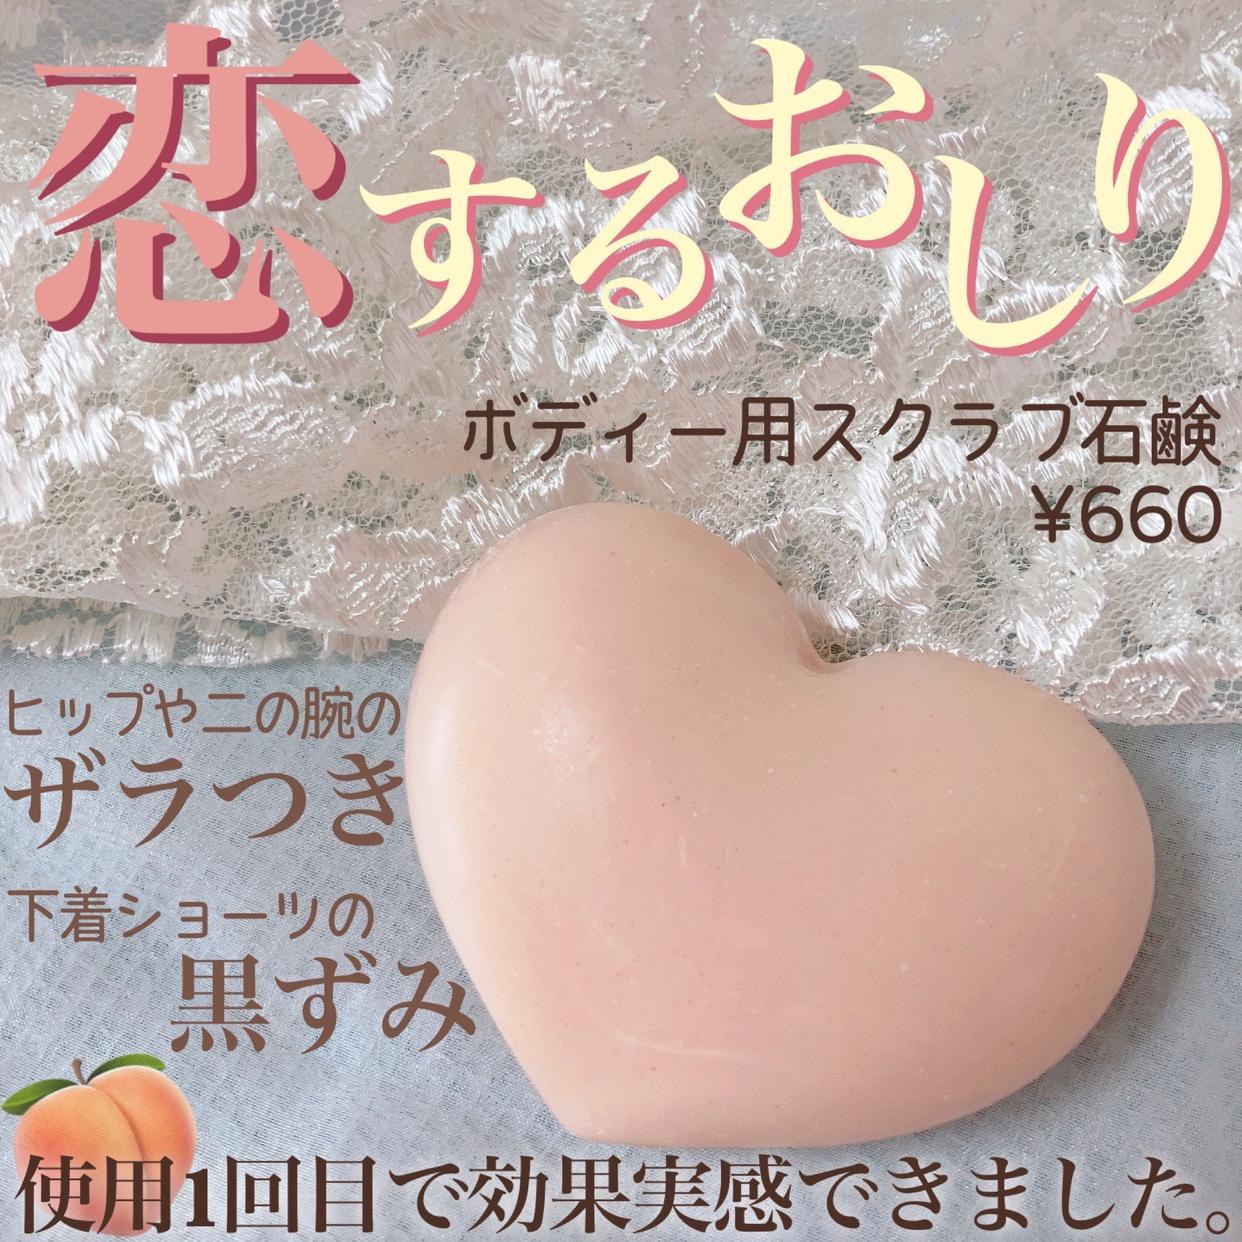 ペリカン石鹸(PELICAN SOAP) 恋するおしり ヒップケアソープを使ったsatomiさんのクチコミ画像1